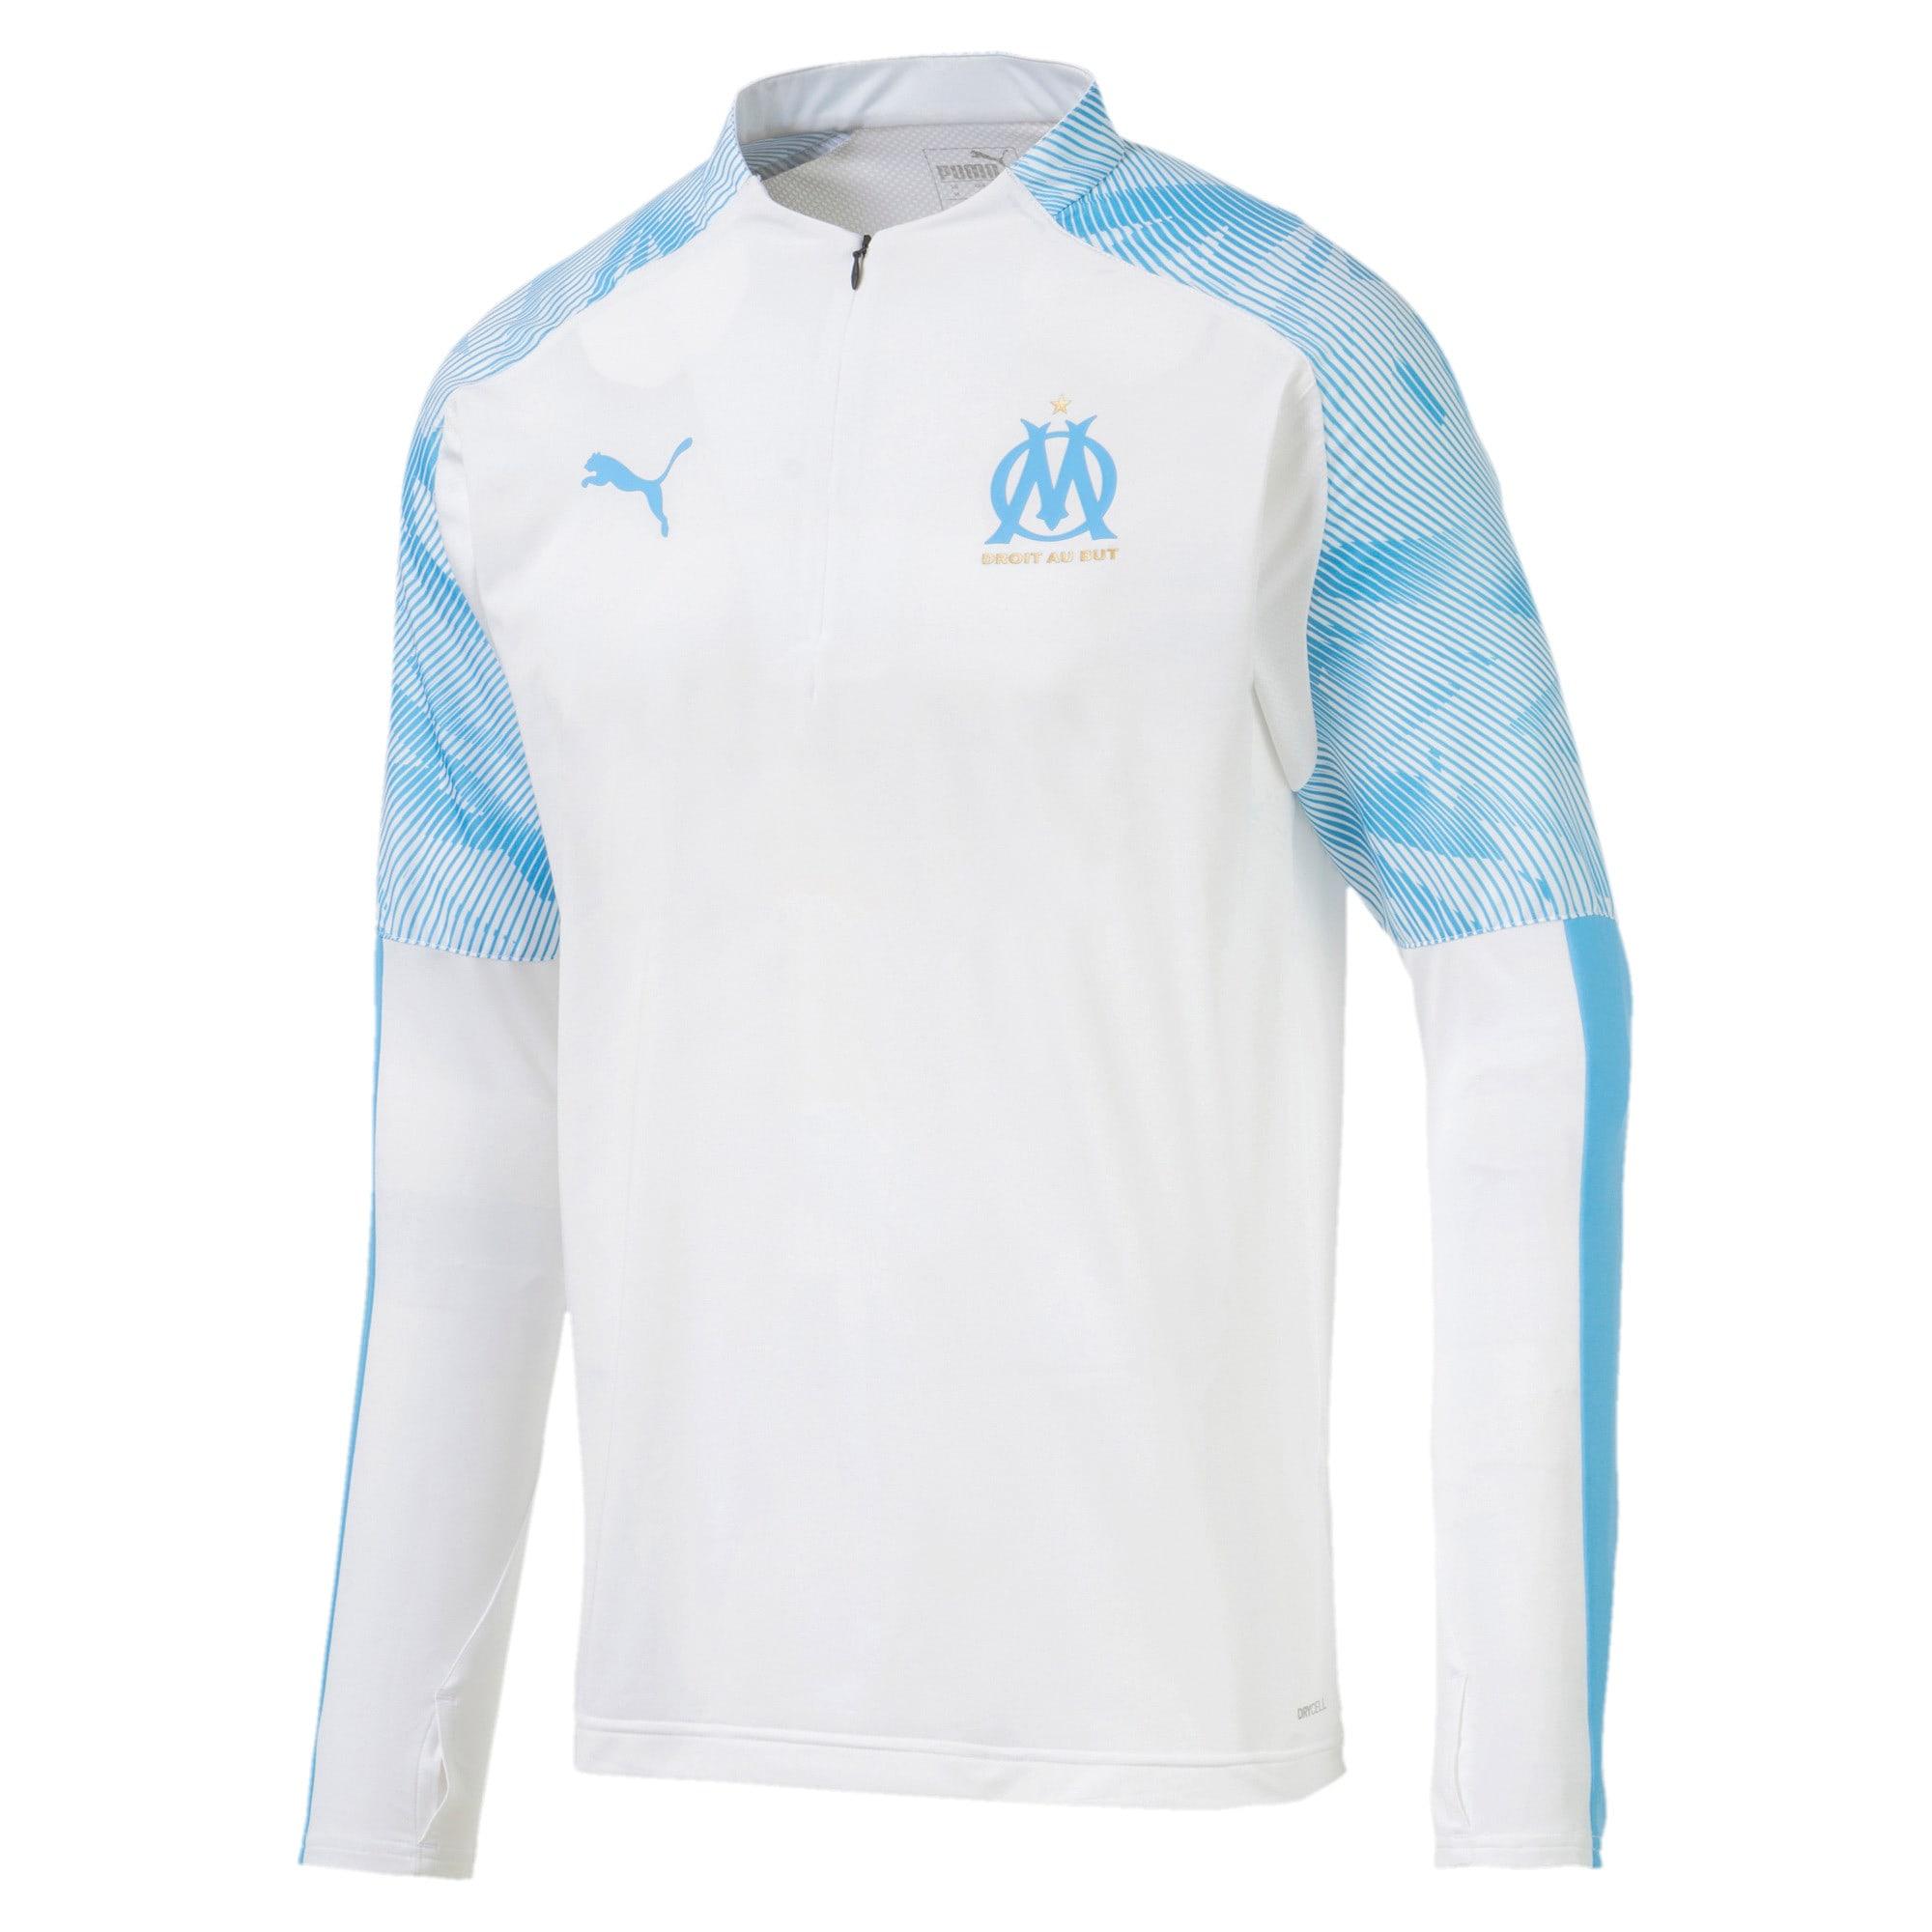 Thumbnail 4 of Olympique de Marseille Quarter Zip Men's Training Top, Puma White, medium